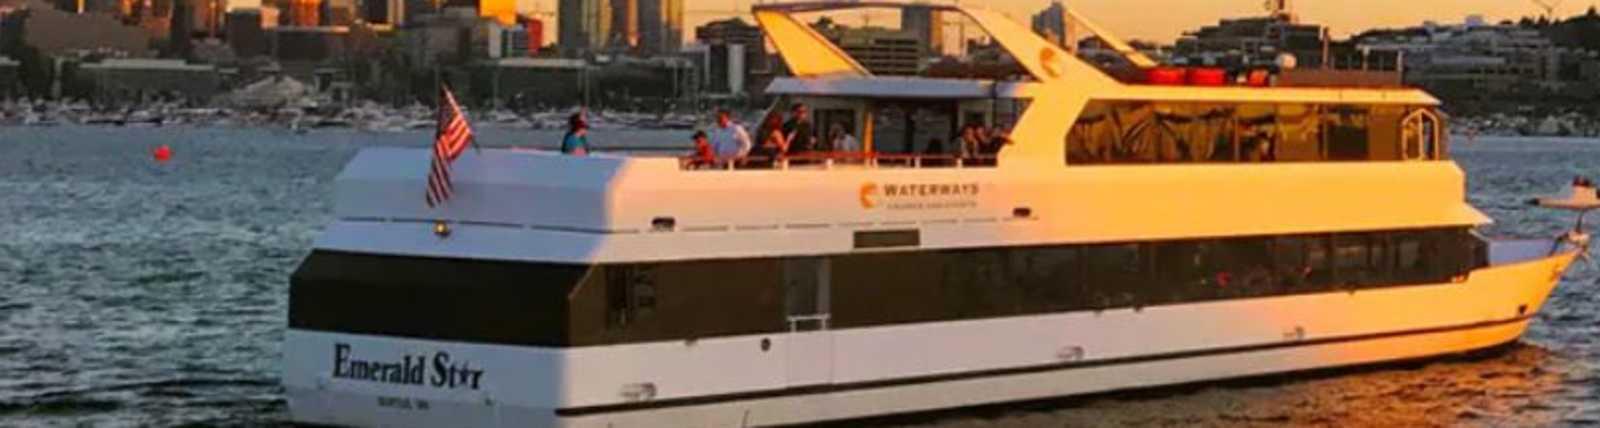 Waterways Cruises Lake Union